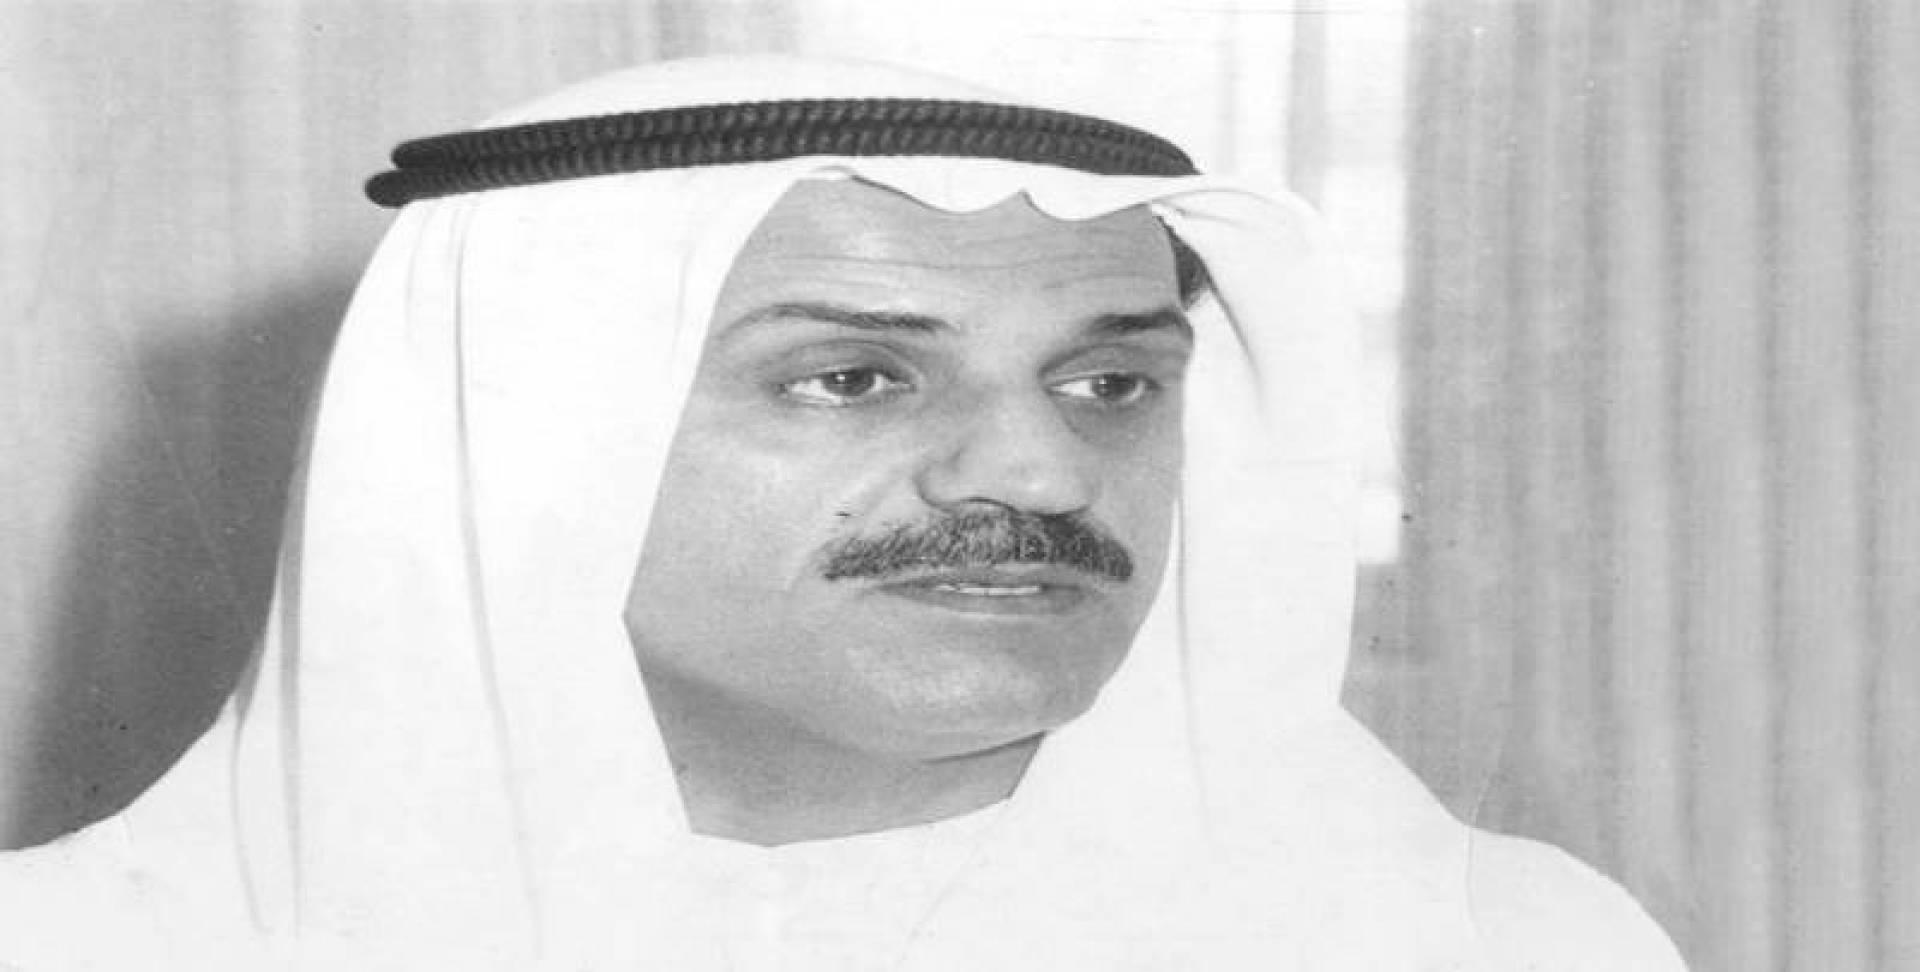 بدر مشاري الحميضي المدير العام للصندوق الكويتي.. أرشيفية